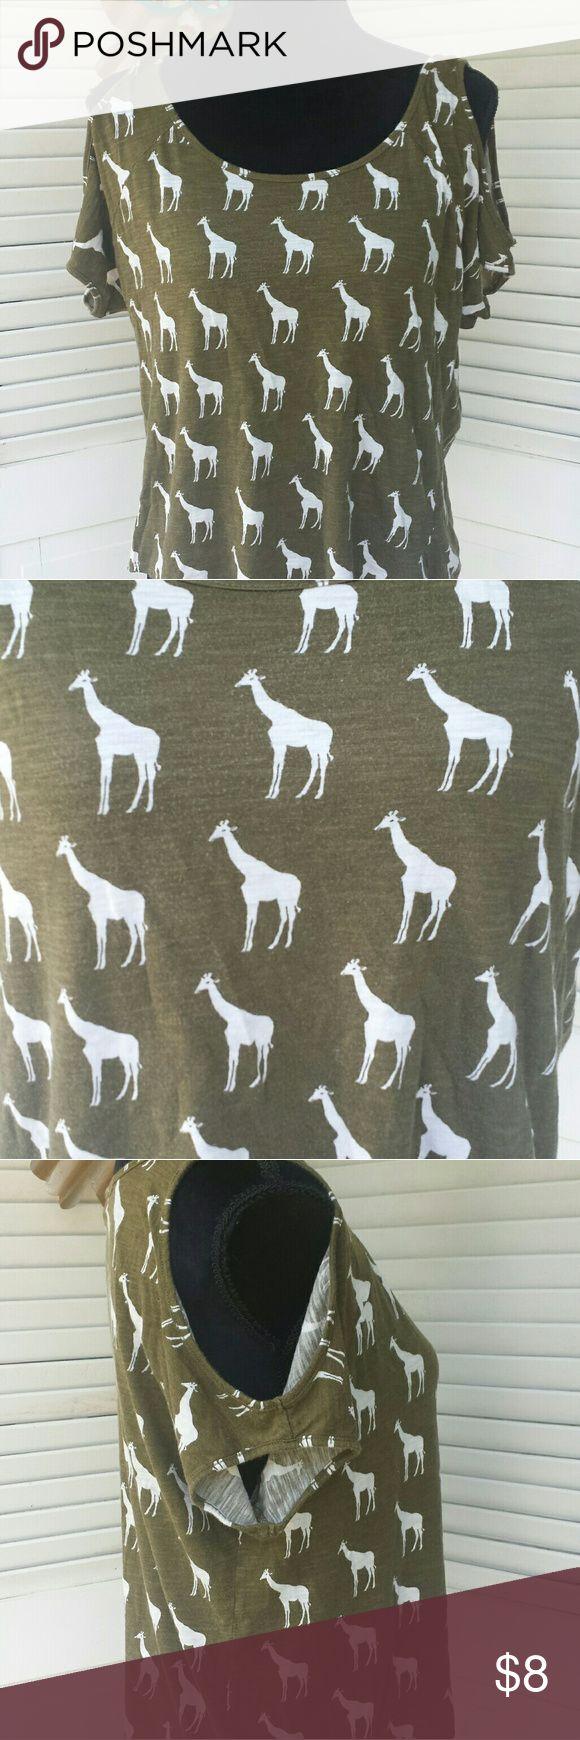 Forever 21 cute giraffe cold shoulder shirt Awesome giraffe pattern cold solder shirt size small petite Forever 21 Tops Blouses